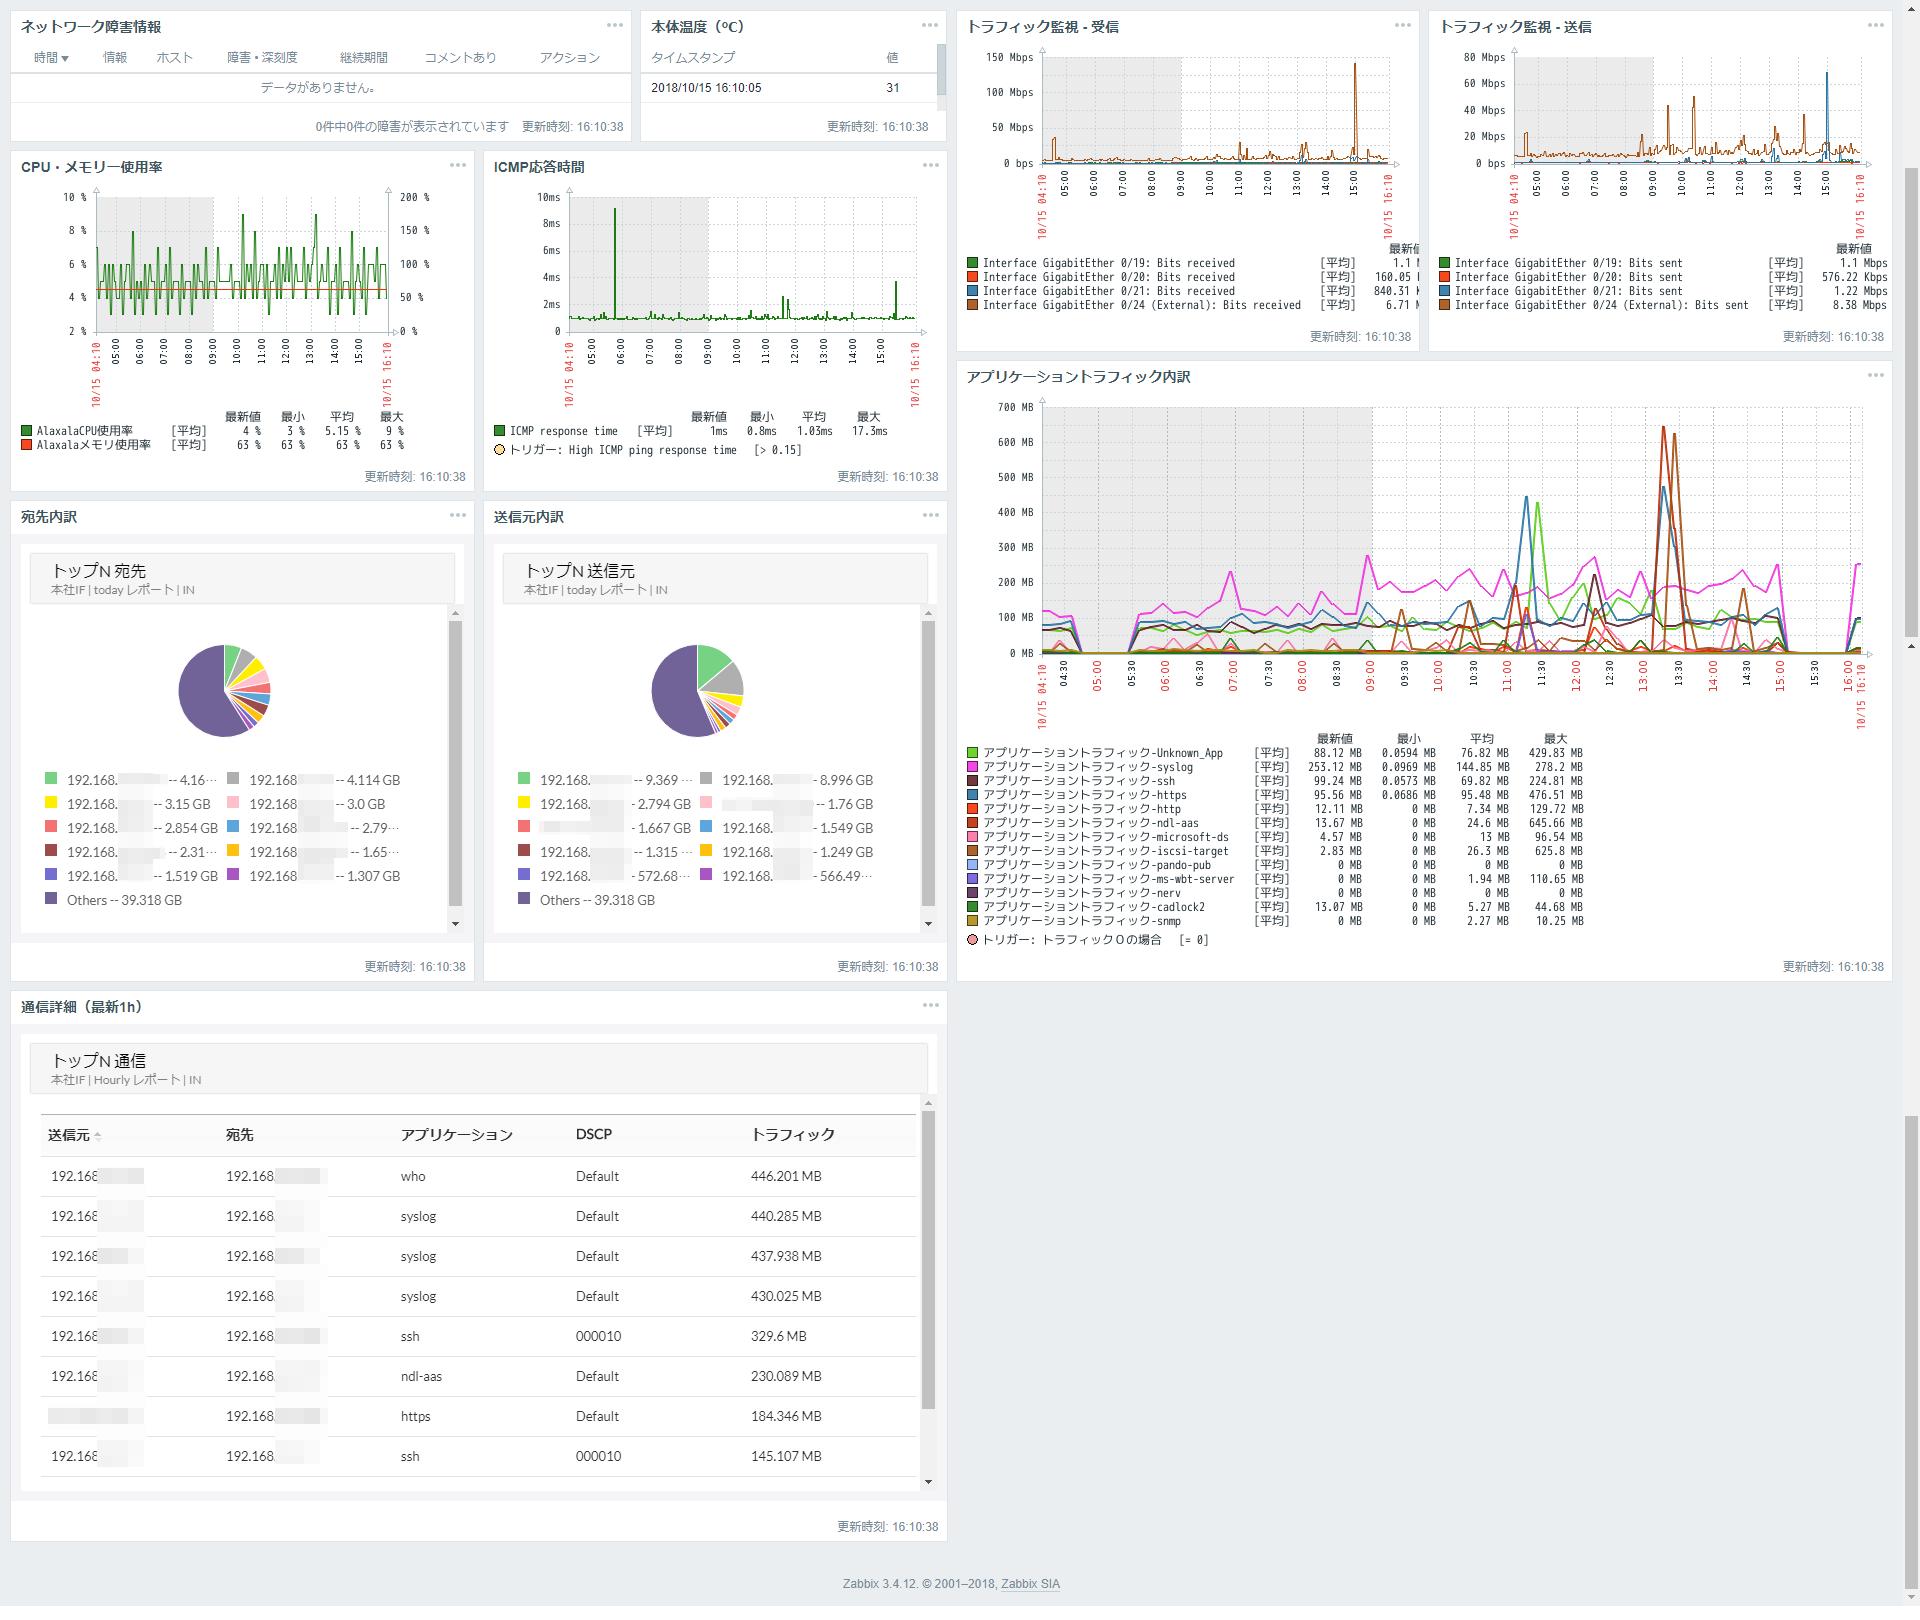 ZabbixとNetwork Configuration Managerの連携 - 連携前のスクリーンショット